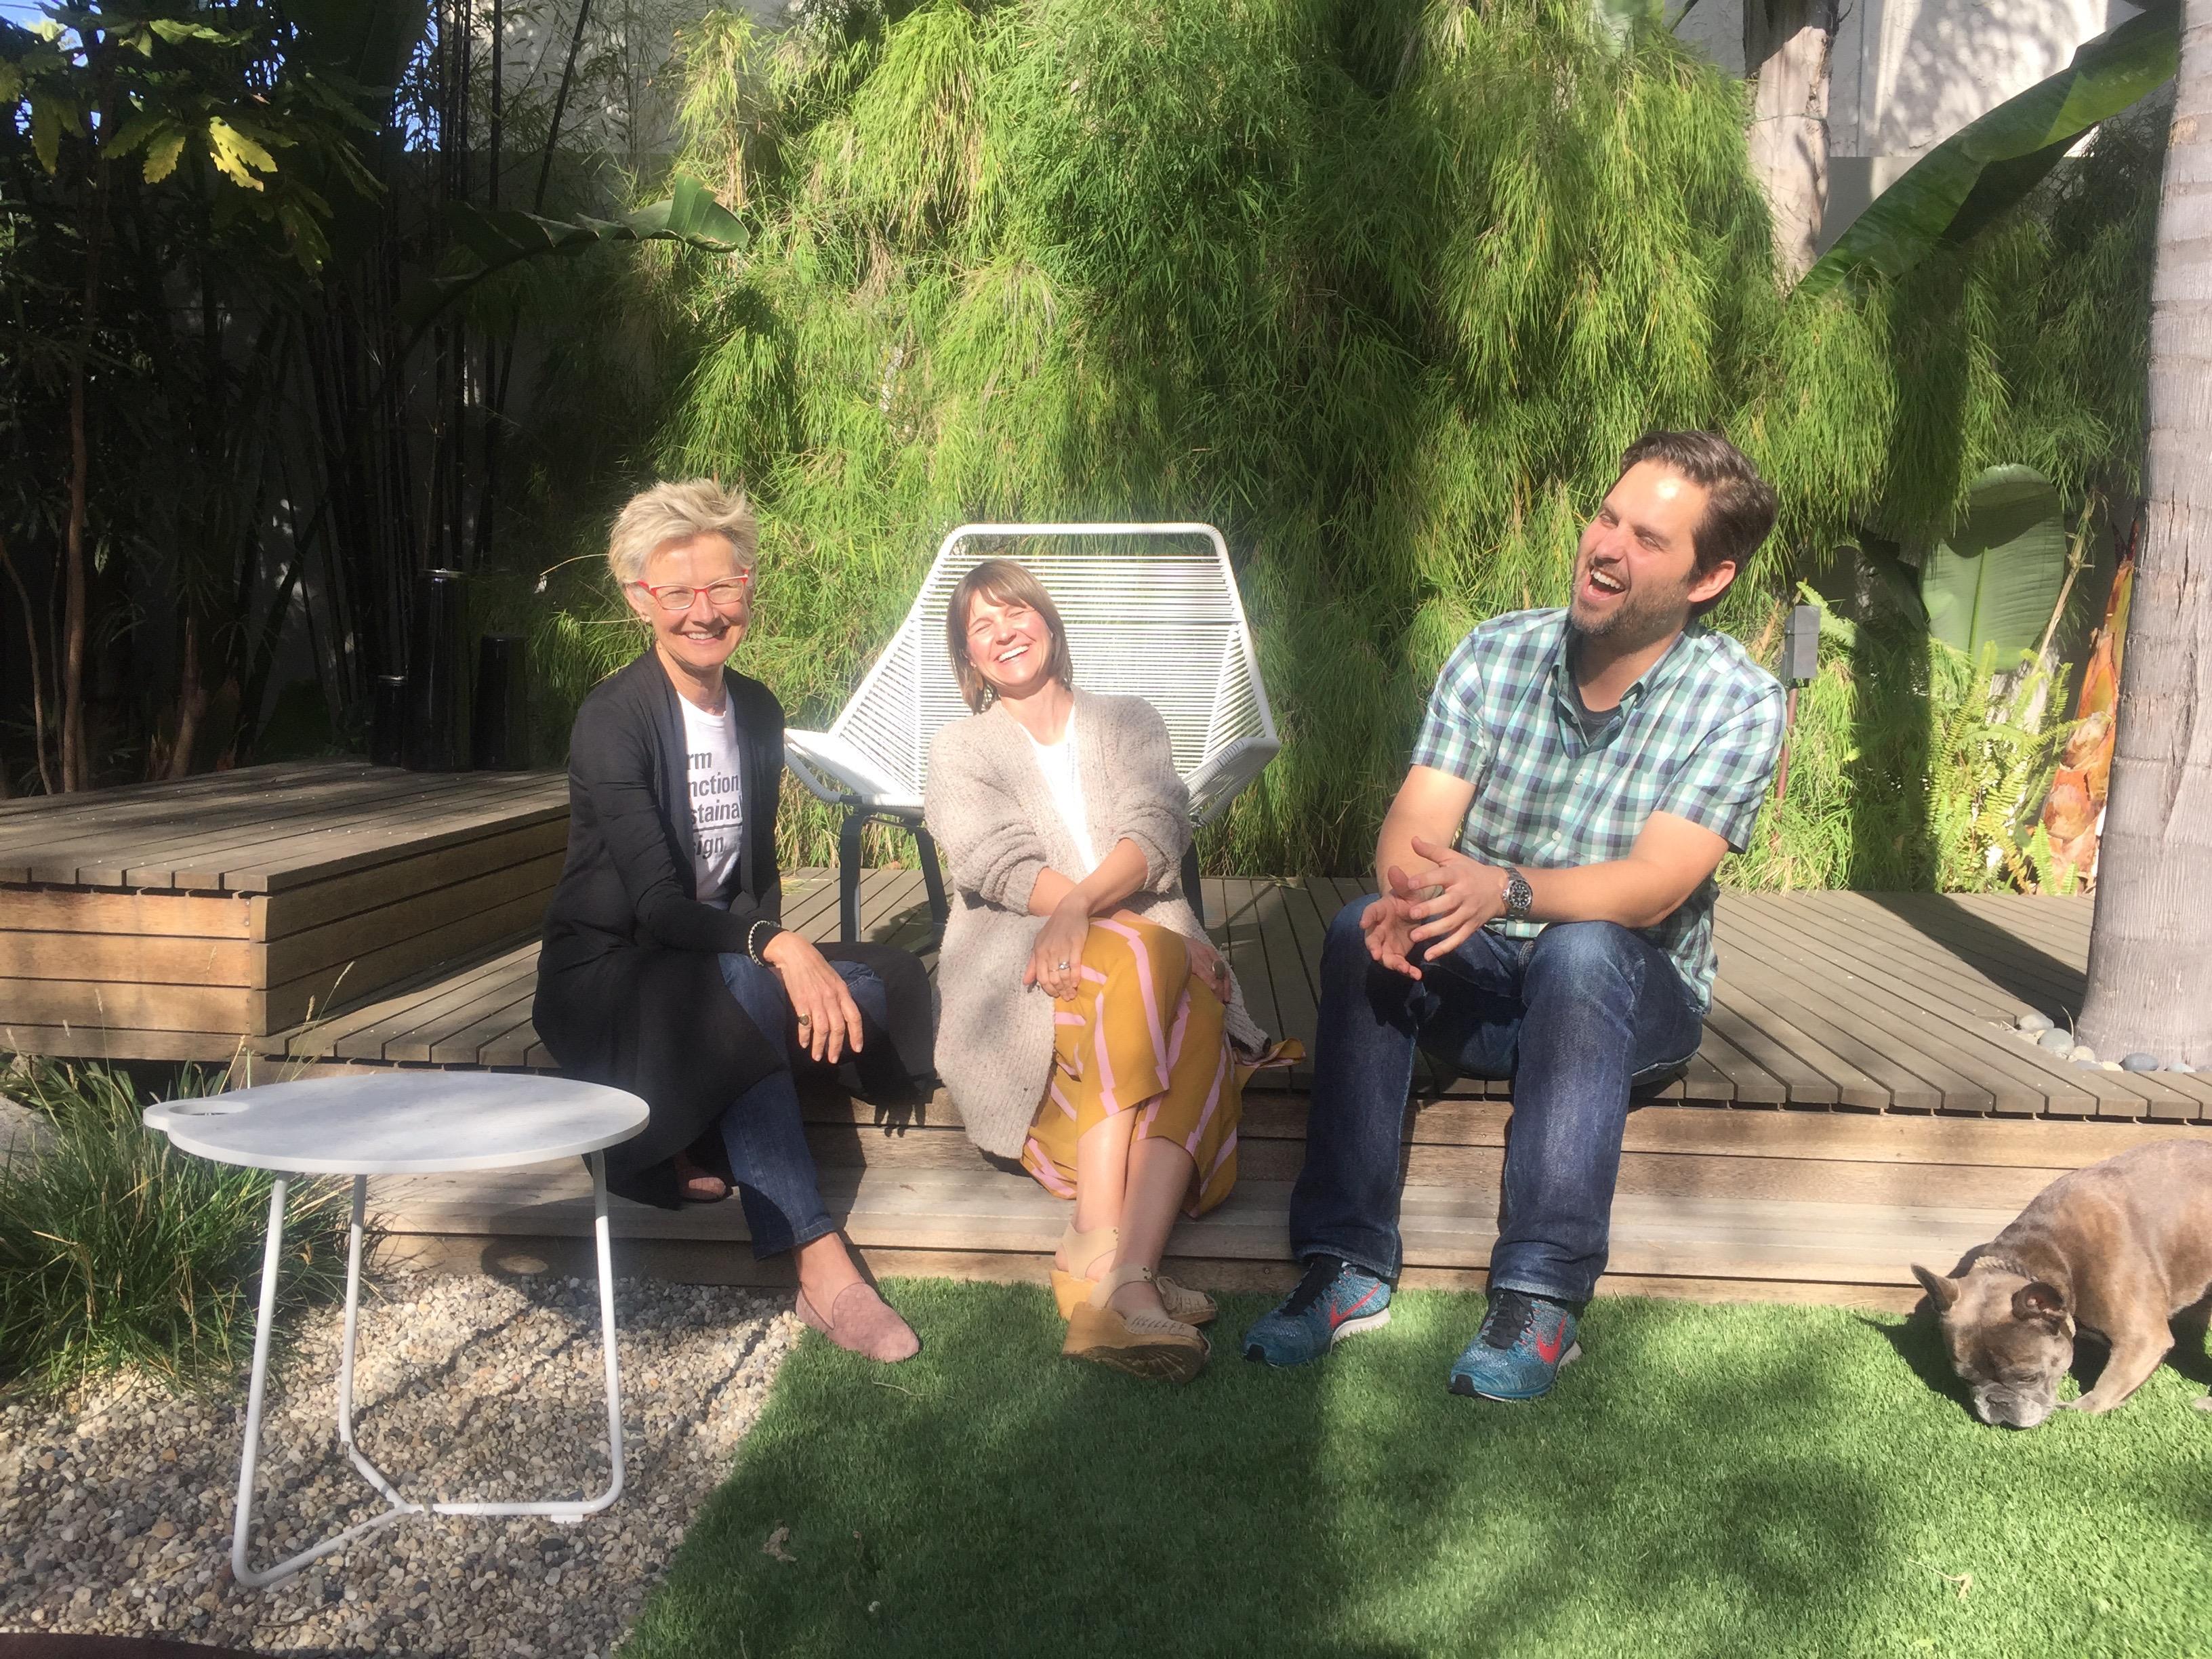 Judges Heidrun Mumper-Drumm, Patagonia's Carrie Childs and Christian Denhart enjoy a light moment. Photo courtesy Heidrun Mumper-Drumm